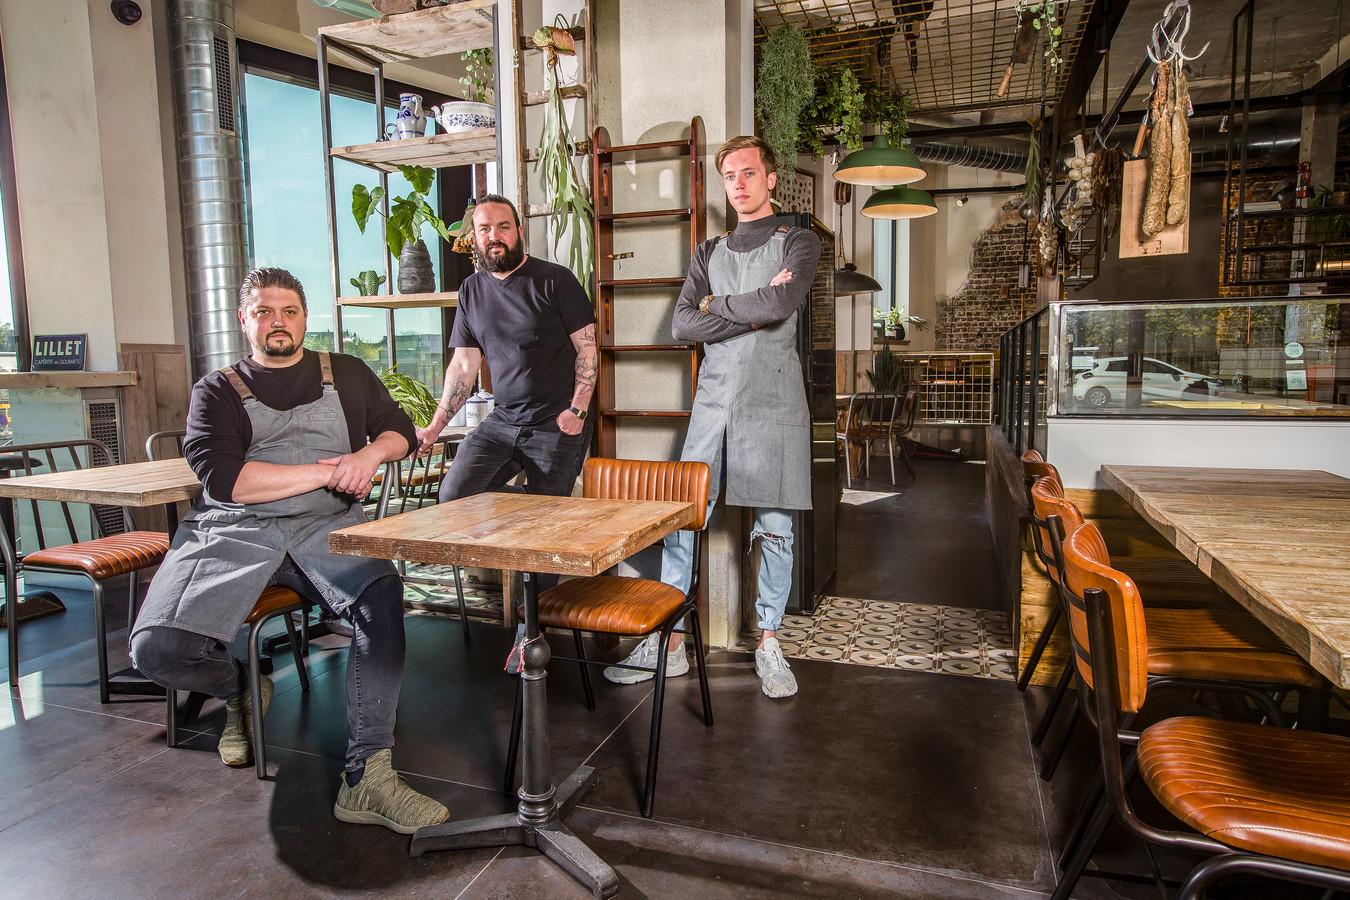 Bask  dat is een nieuw restaurant in Ledeberg, op de hoek van de Edward Pynaertkaai, recht tegenover het Keizerspark.  van L naar R Gilles Bogaert ; Sam D'huyvetter en  Jordi Michiels